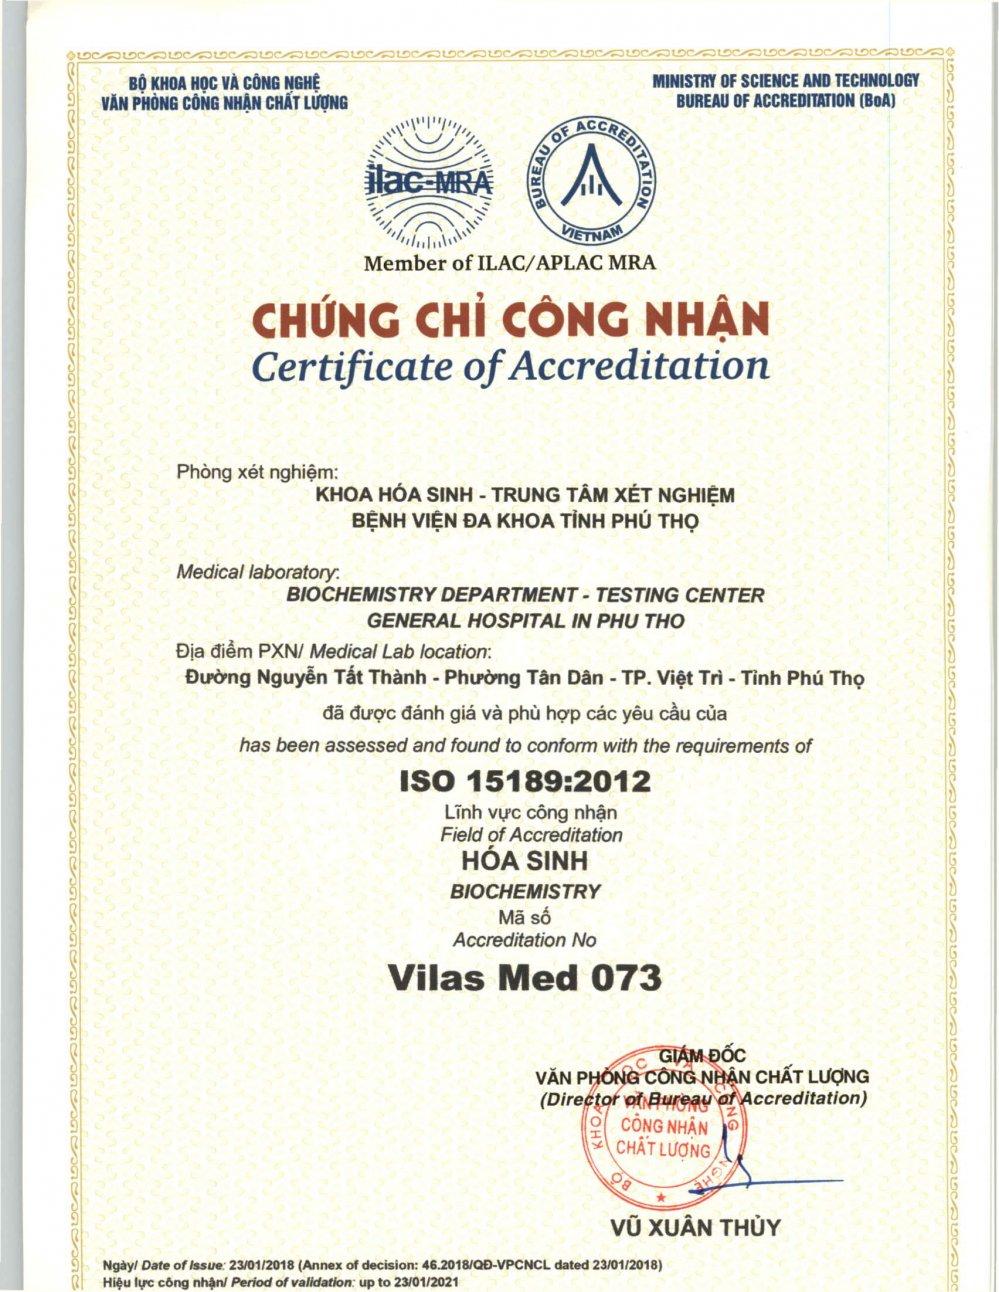 Trung tam xet nghiem - Benh vien da khoa tinh Phu Tho don nhan chung chi ISO 15189:2012 hinh anh 1